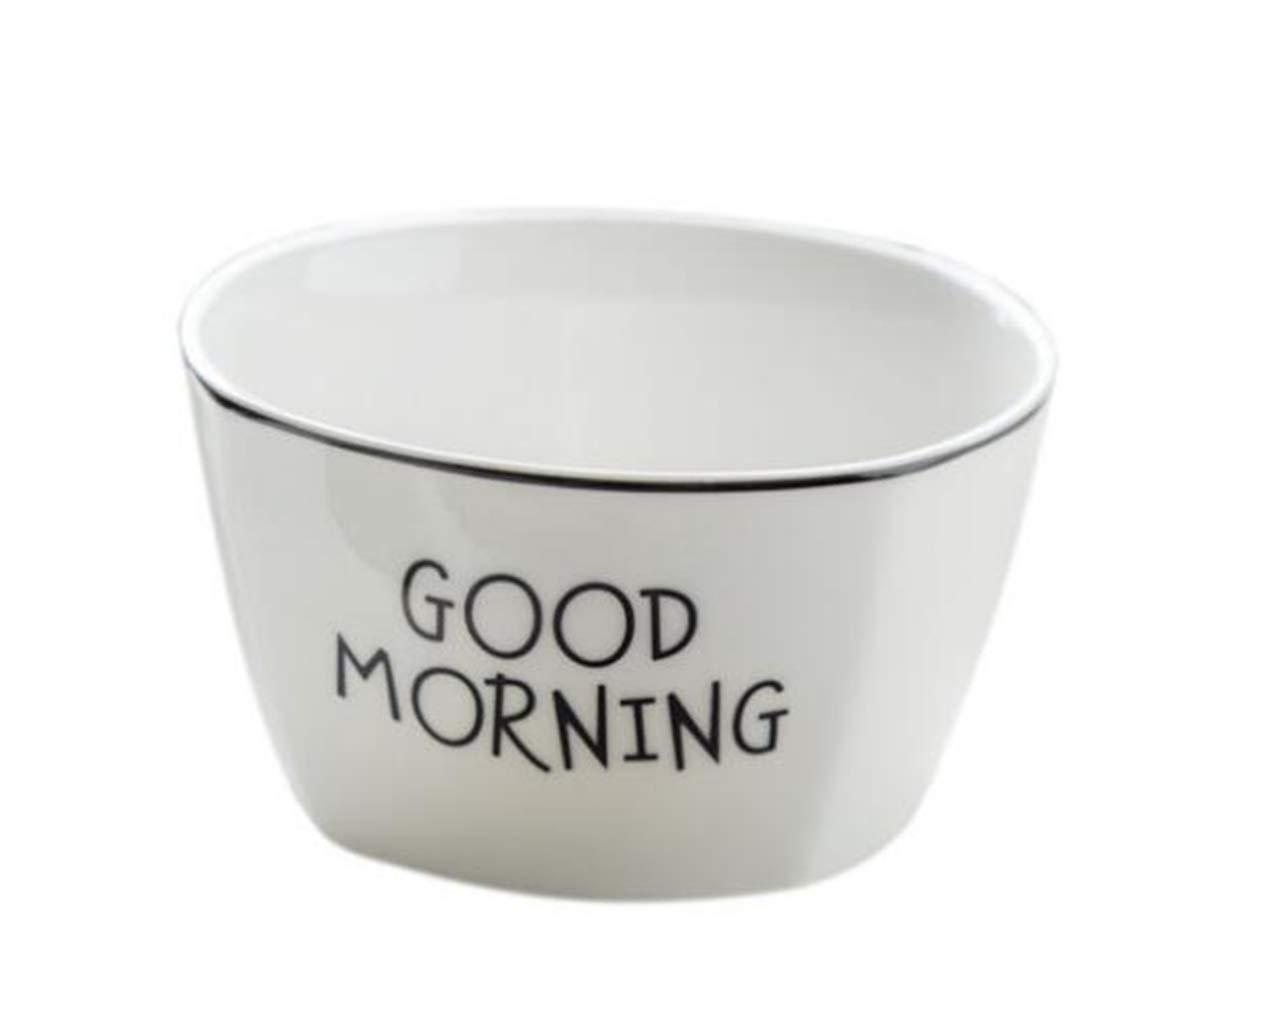 STEAM PANDA Tazón De Ramen Tazón De Cerámica Cereal De Avena Cereales para El Desayuno Ensalada De Fruta Japonesa Sopa De Porcelana con Borde Negro ...